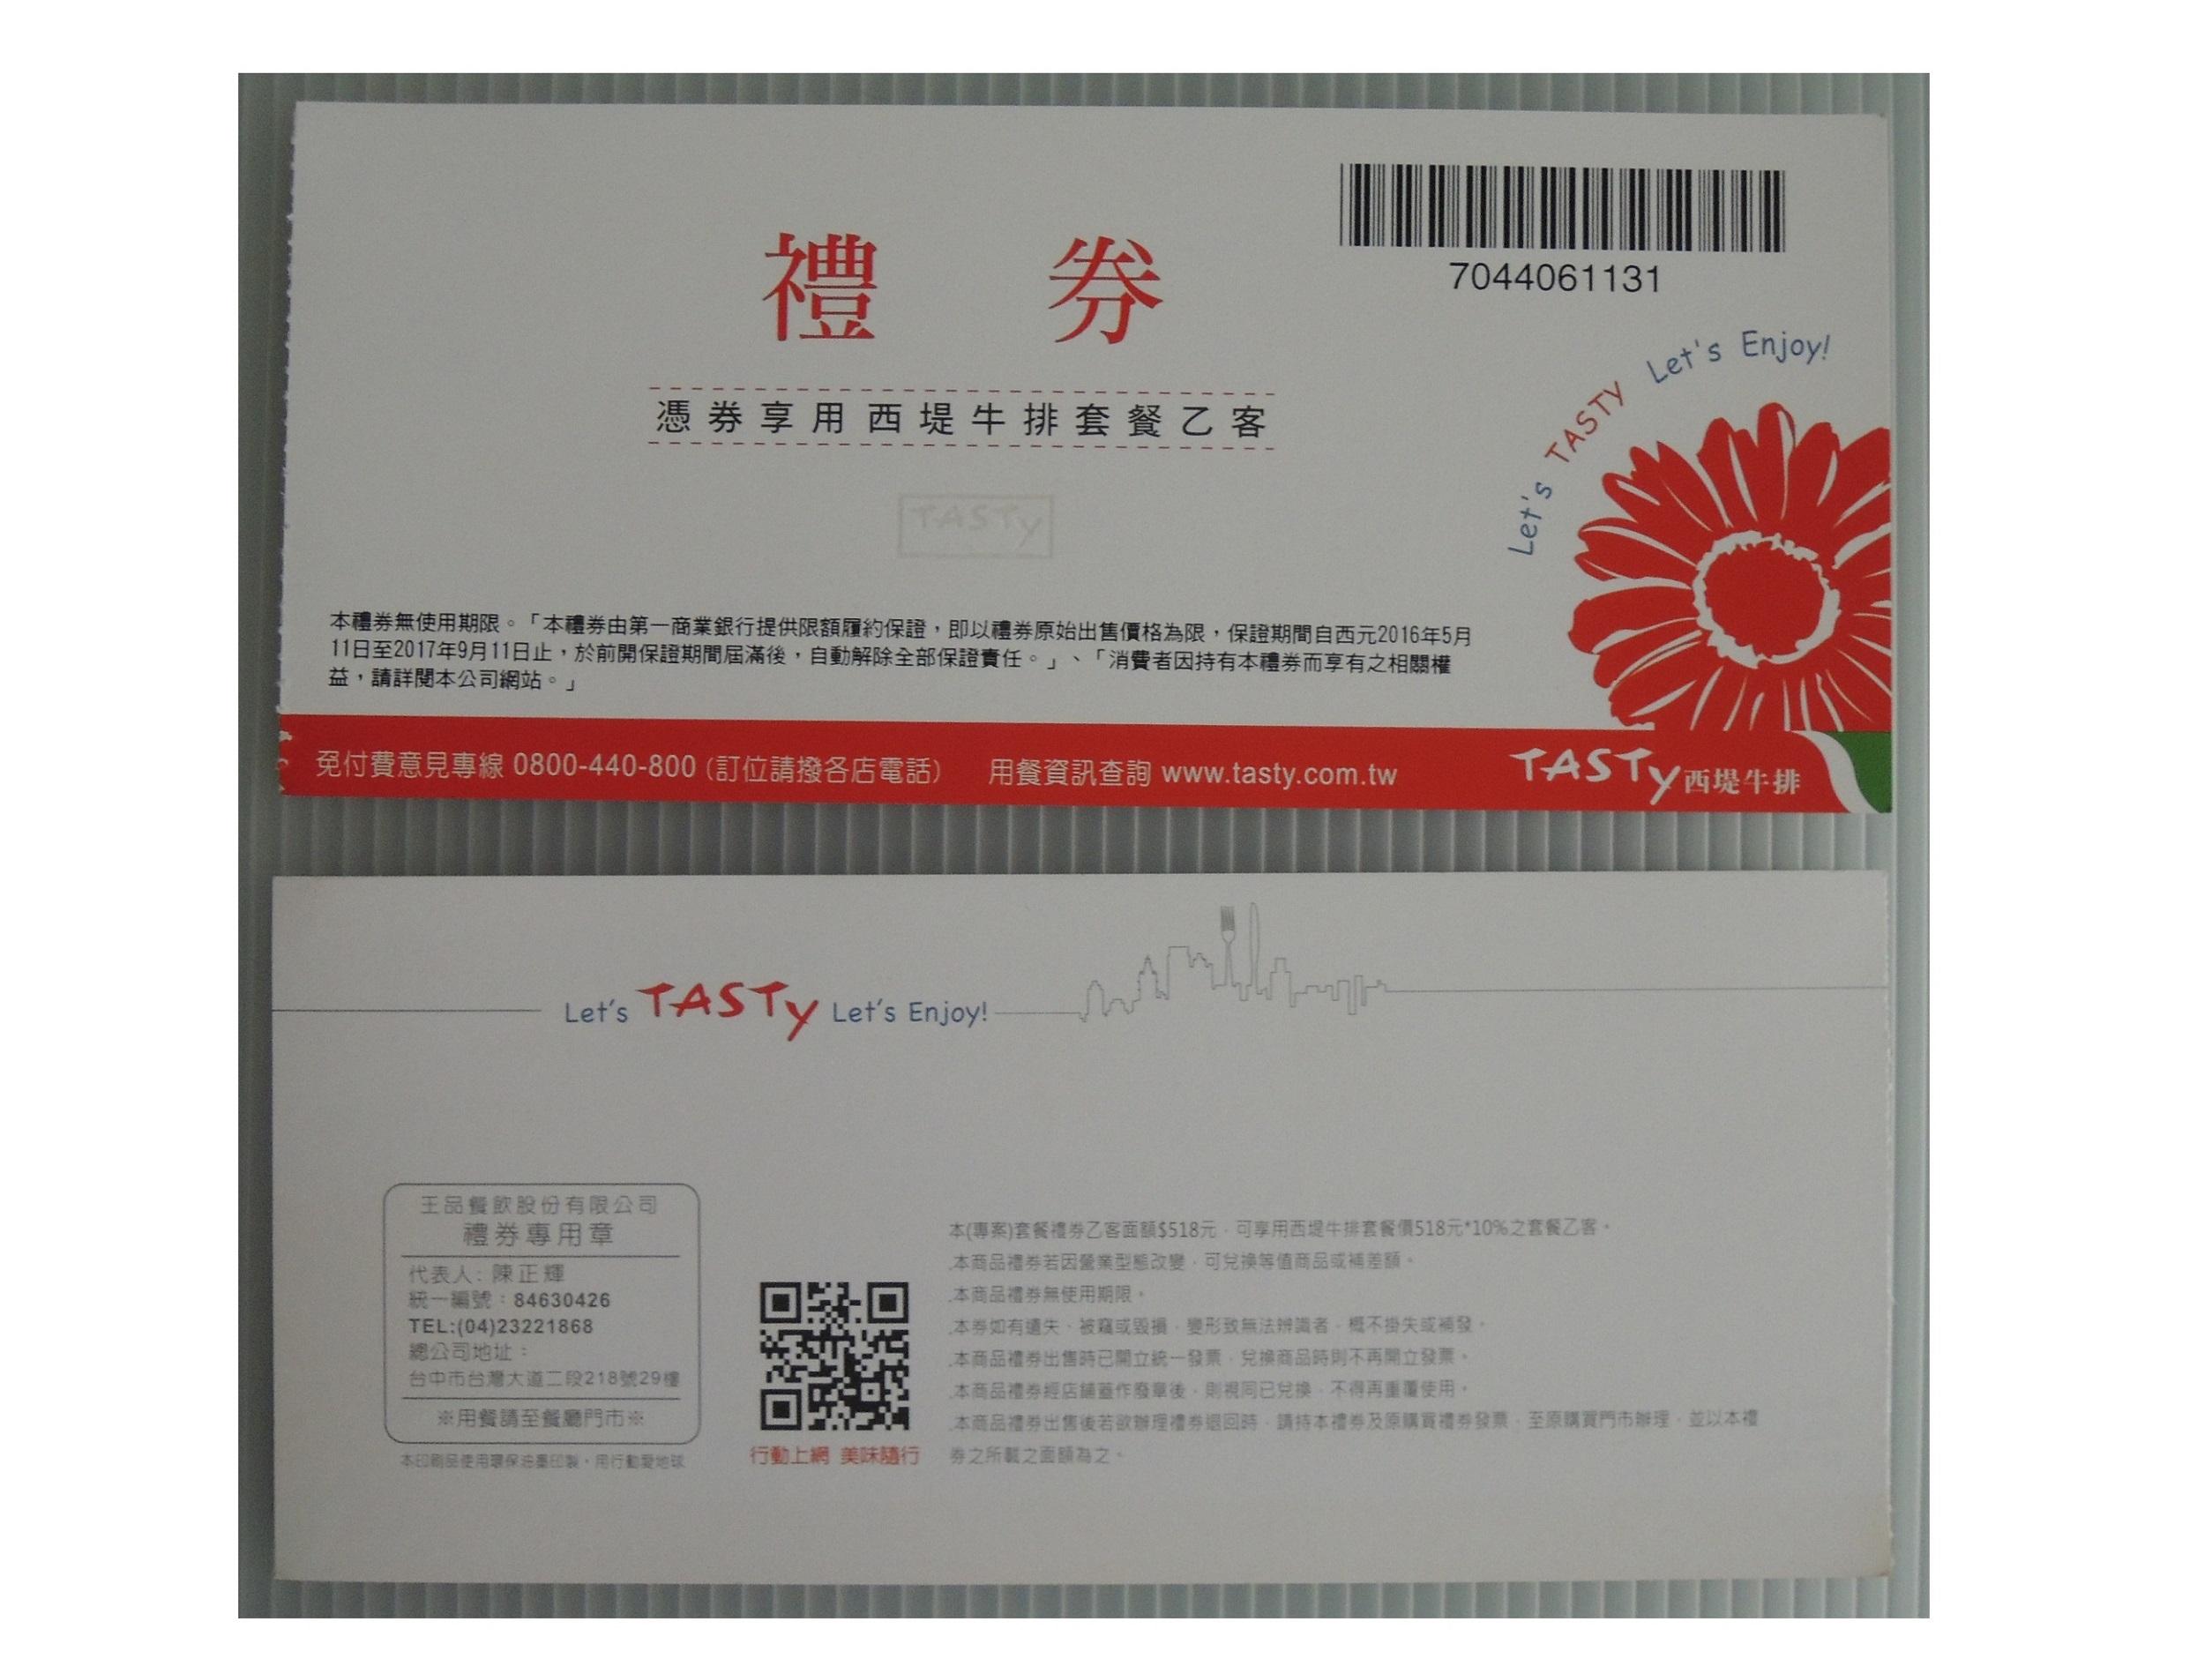 【王品集團】TASTY 西堤餐券(本商品不適用樂天折價?及點數加碼活動)